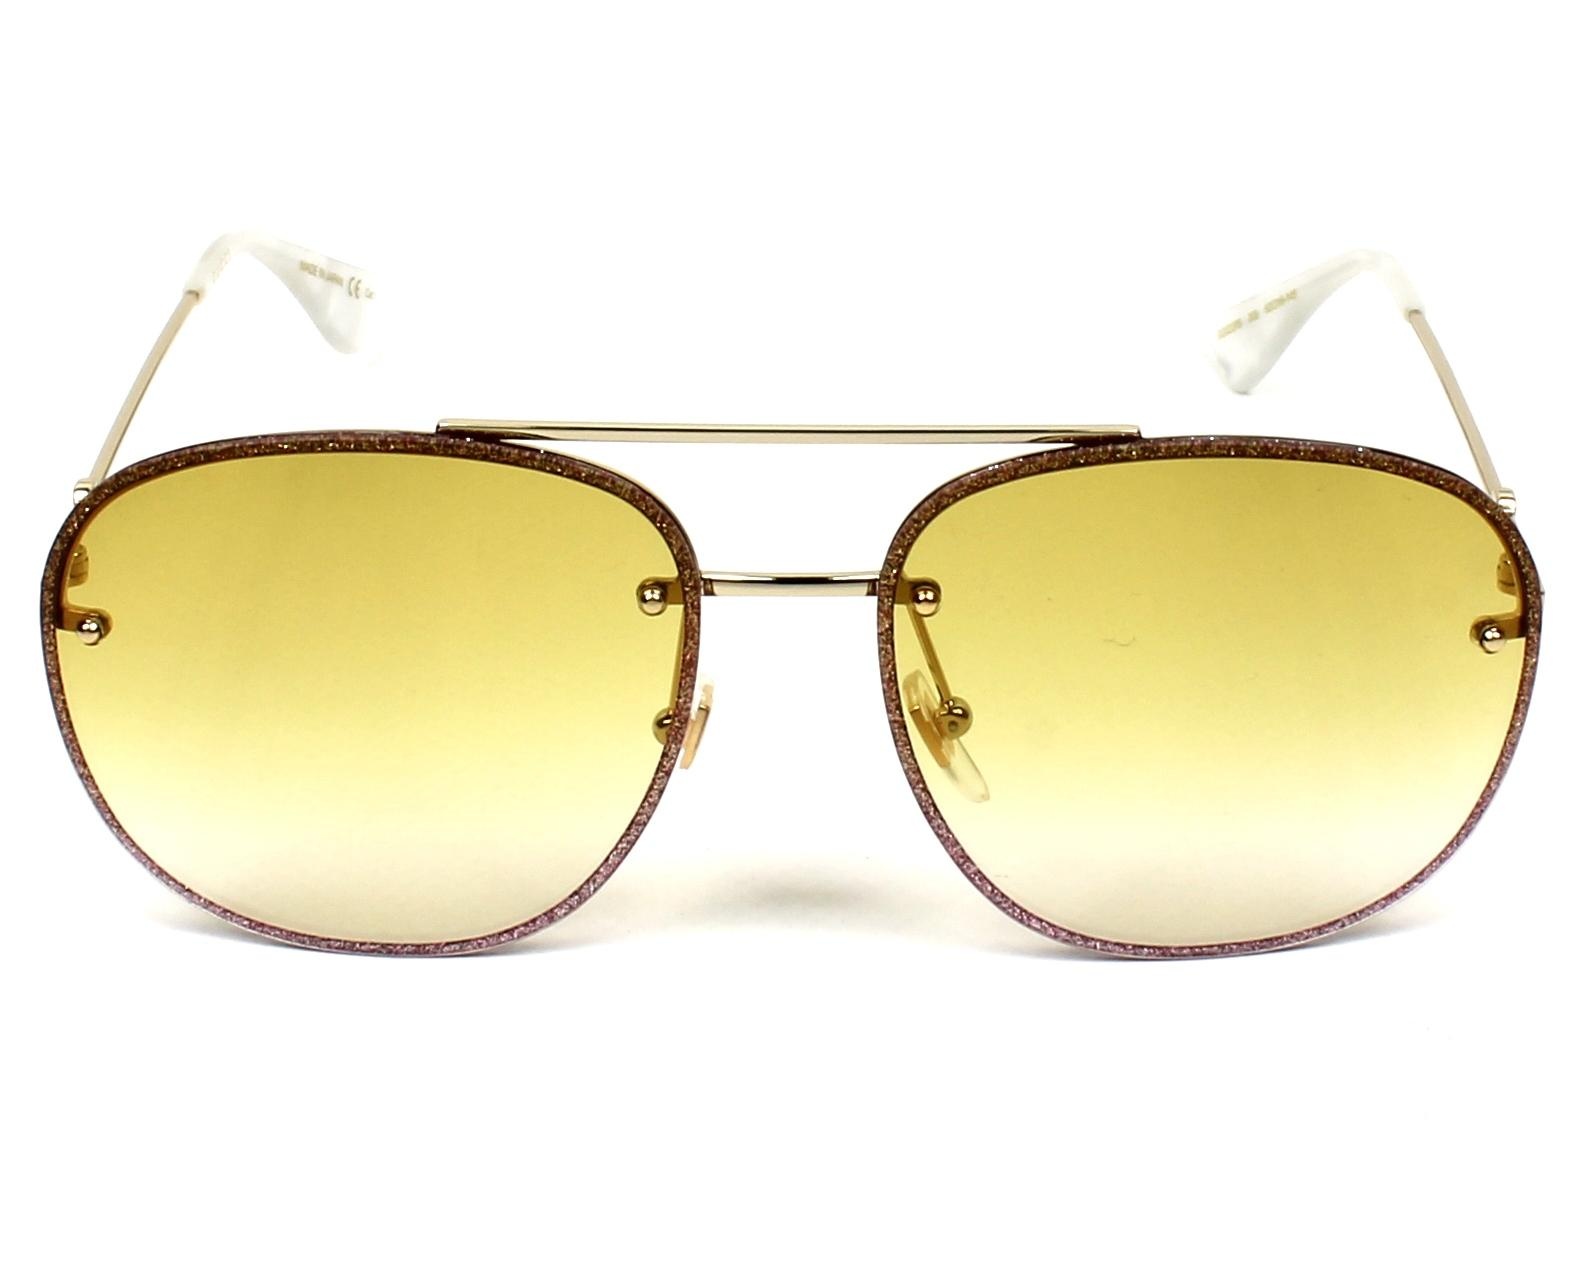 c5ab96ed2e3 Sunglasses Gucci GG-0227-S 005 62-16 Rosa Gold front view